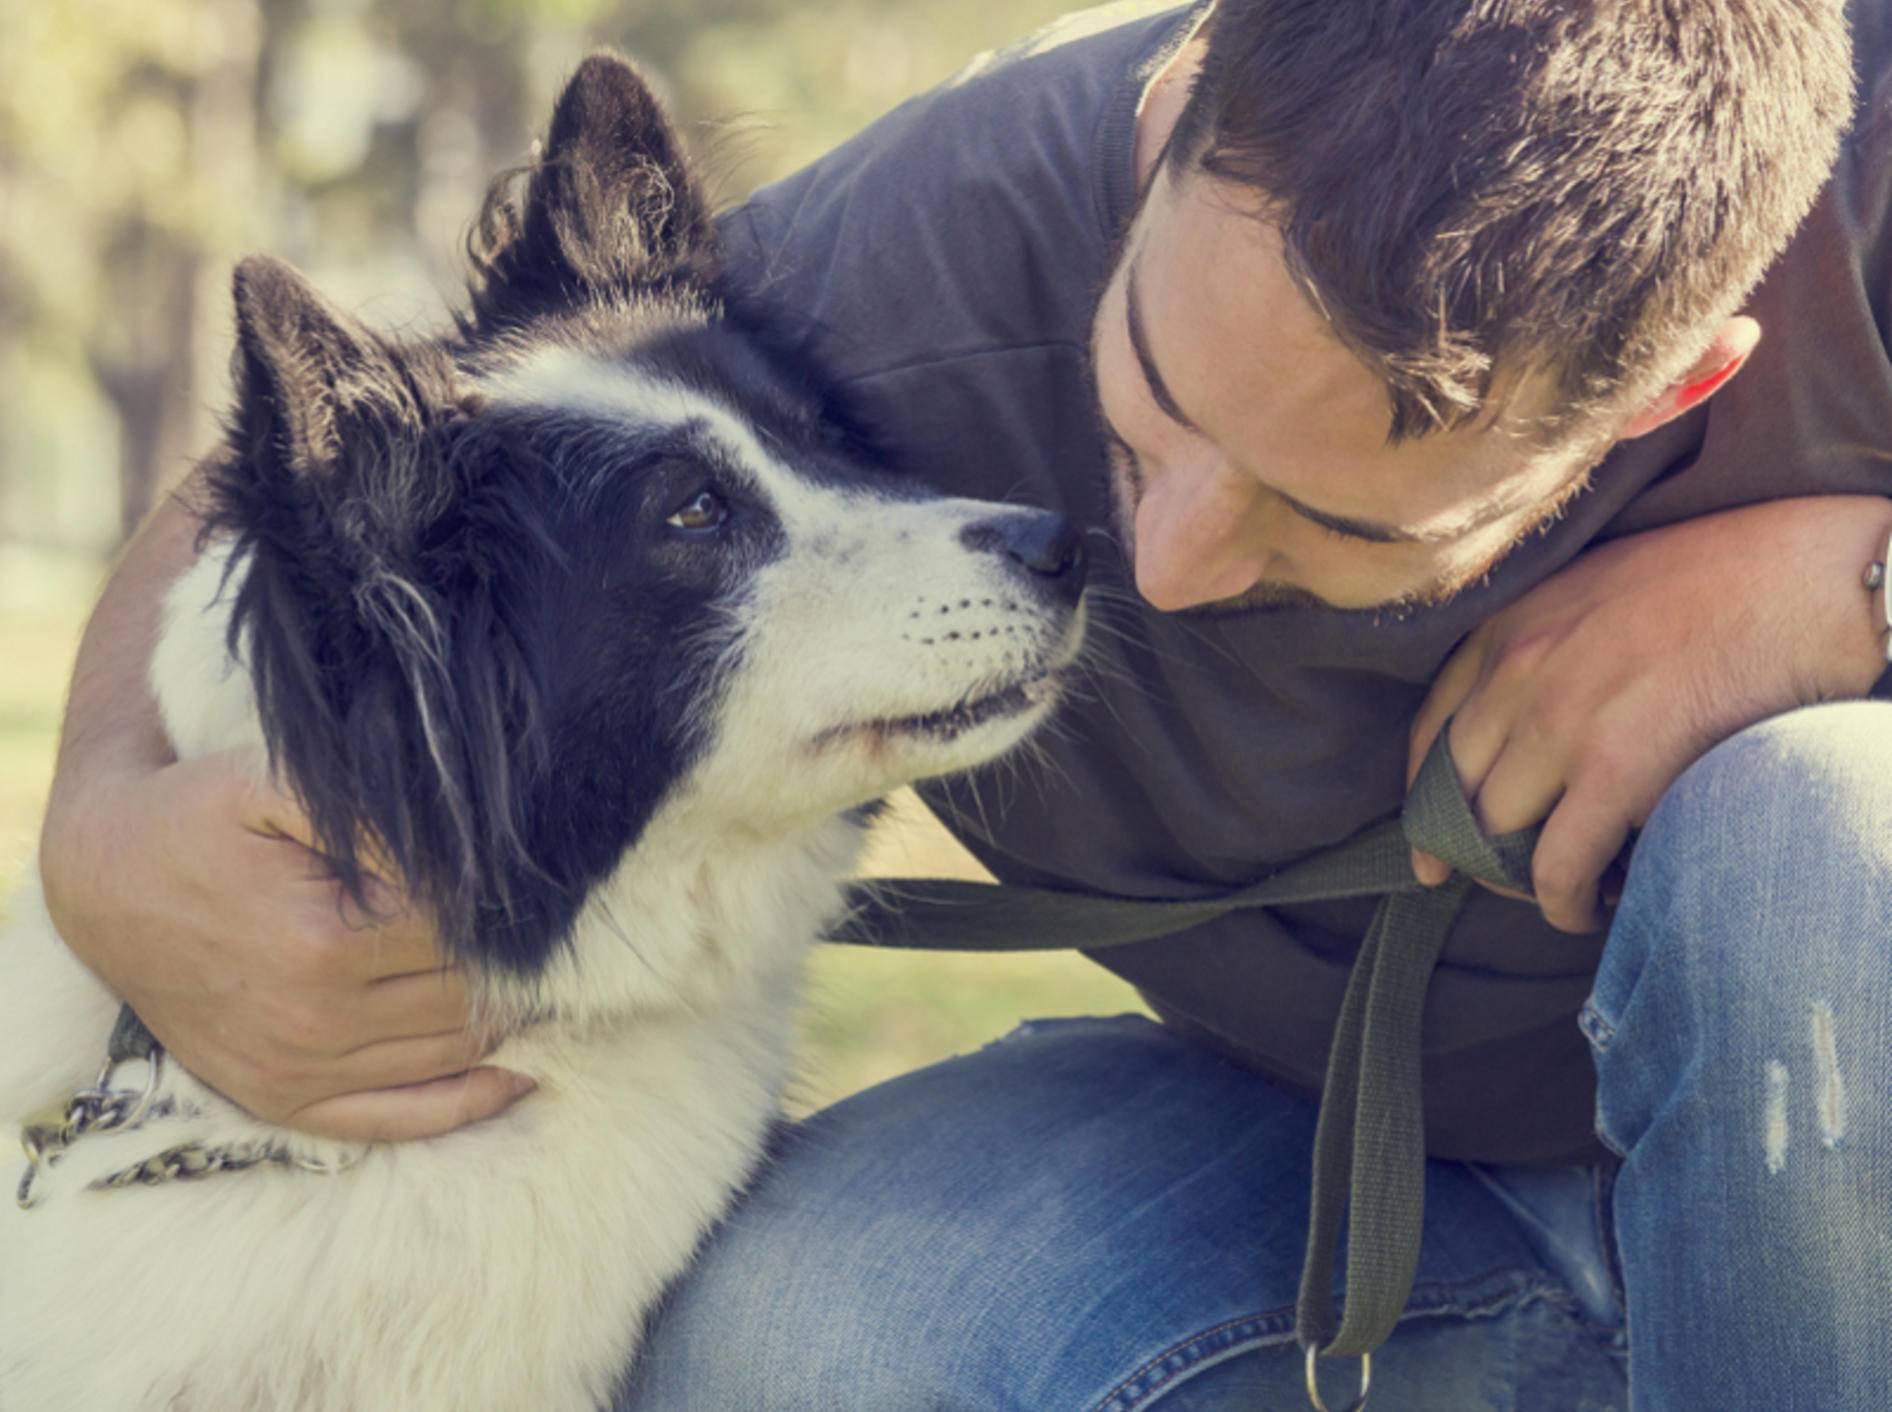 """""""Ich hab dich lieb, Mensch!"""", scheint dieser Hund ganz sentimental sagen zu möchten – Shutterstock / Hitdelight"""